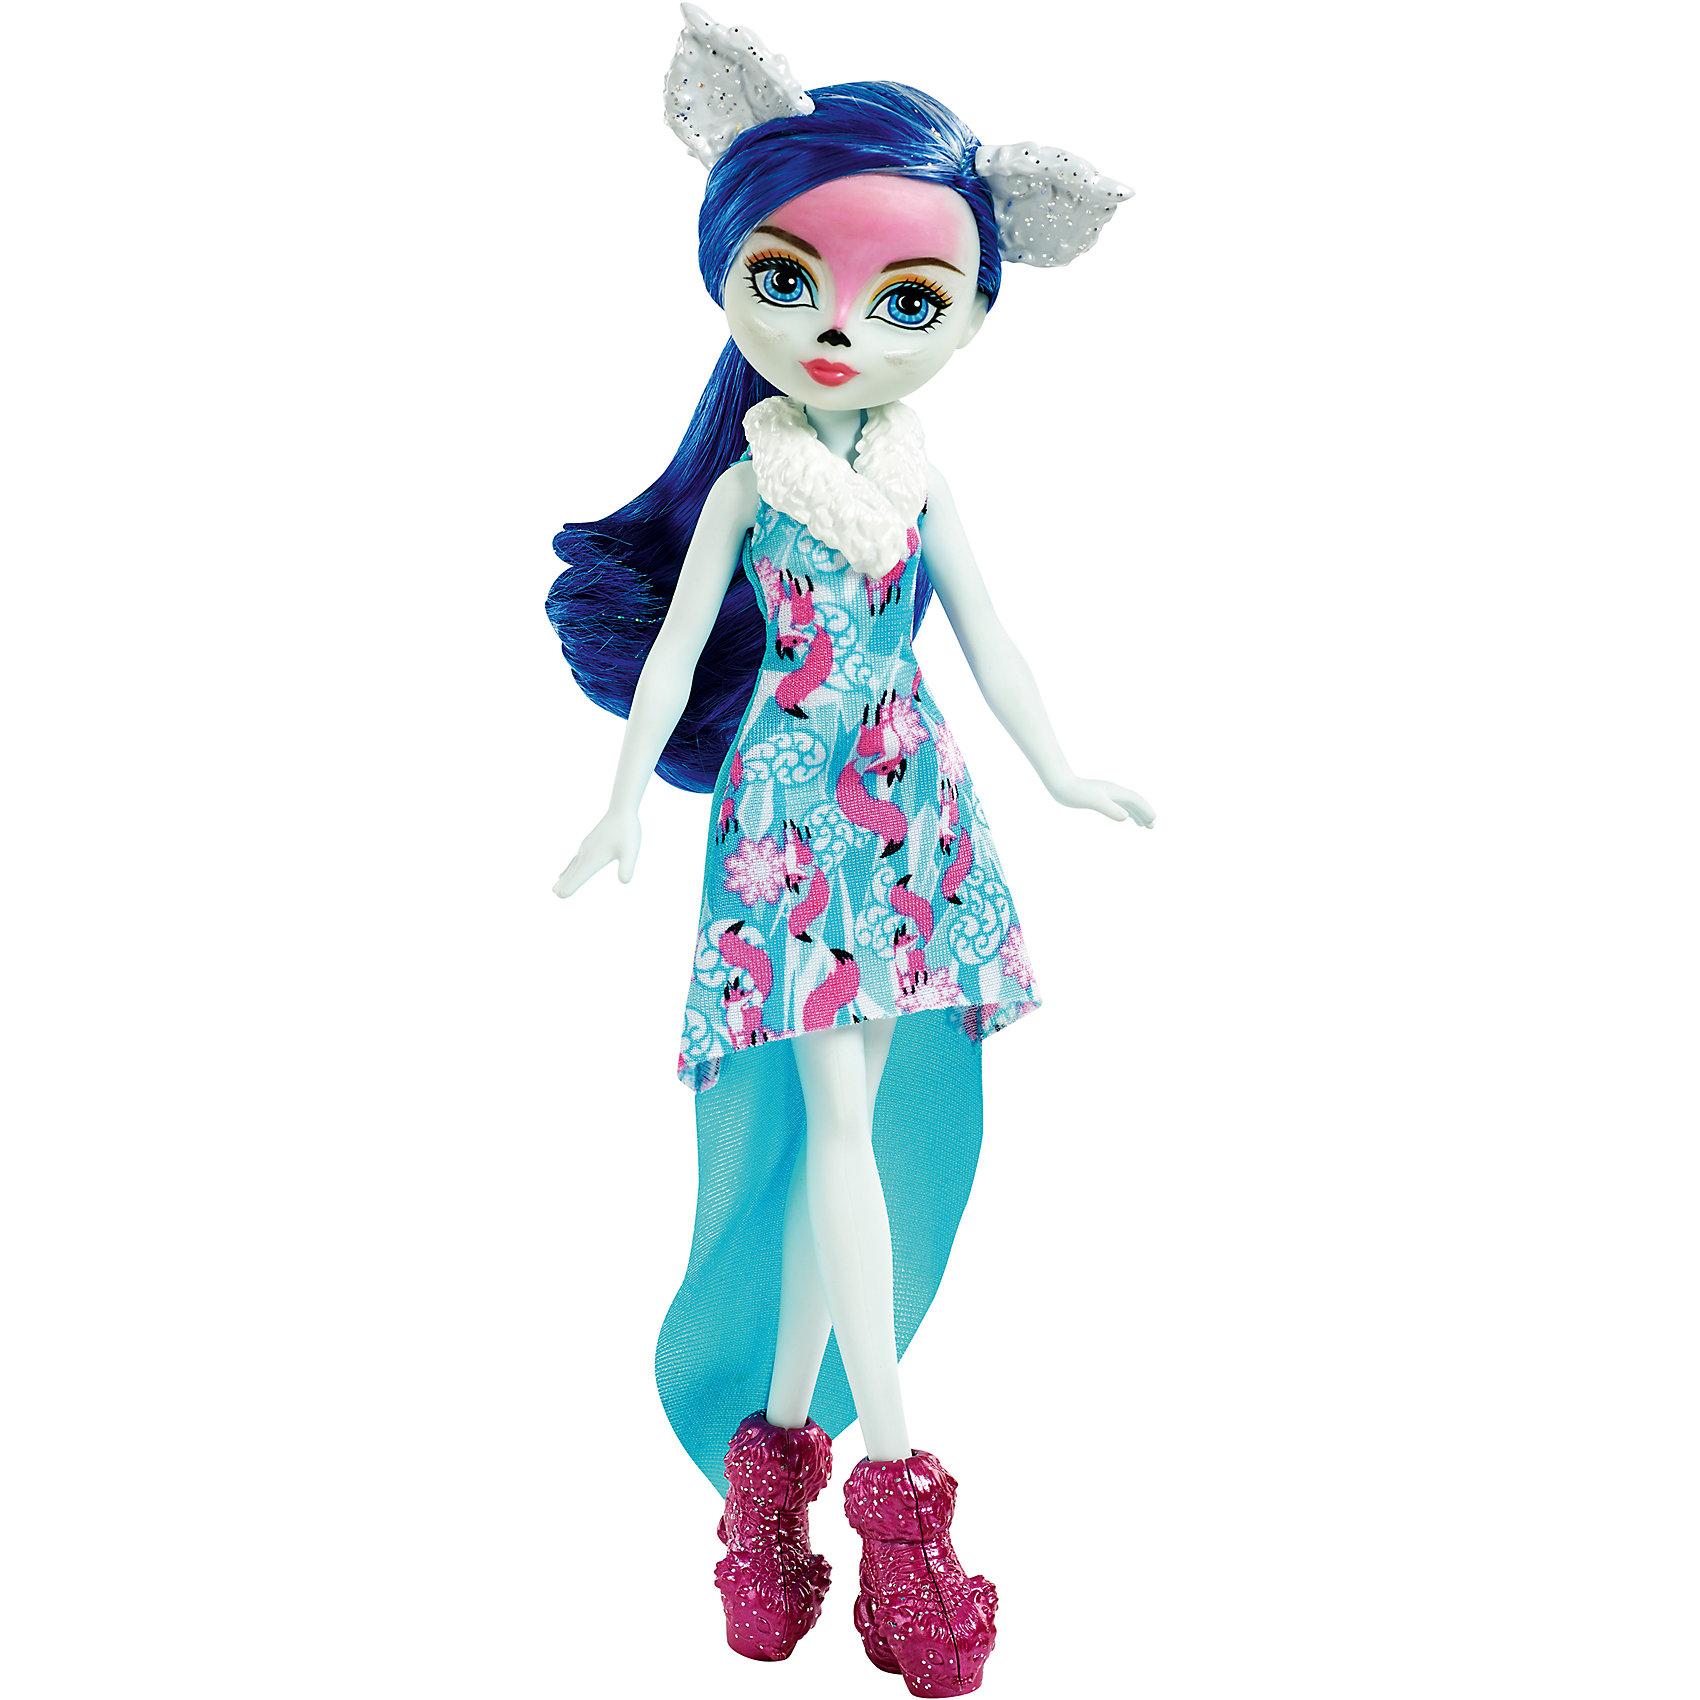 Mattel Кукла-пикси Фоксан из коллекции Заколдованная зима, Ever After High mattel набор блестящий вихрь из серии заколдованная зима кукла кристал винтер ever after high